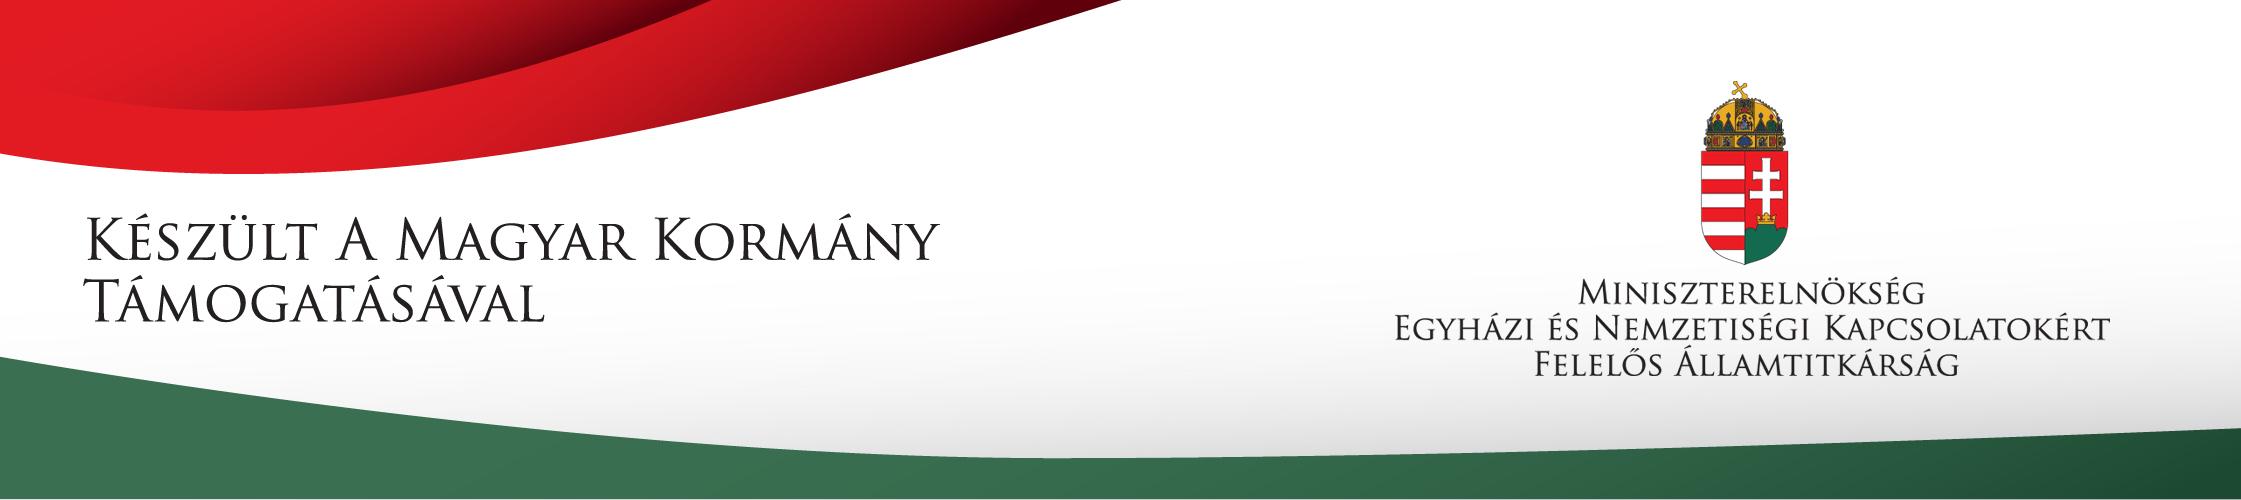 keszult-a-magyar-kormany